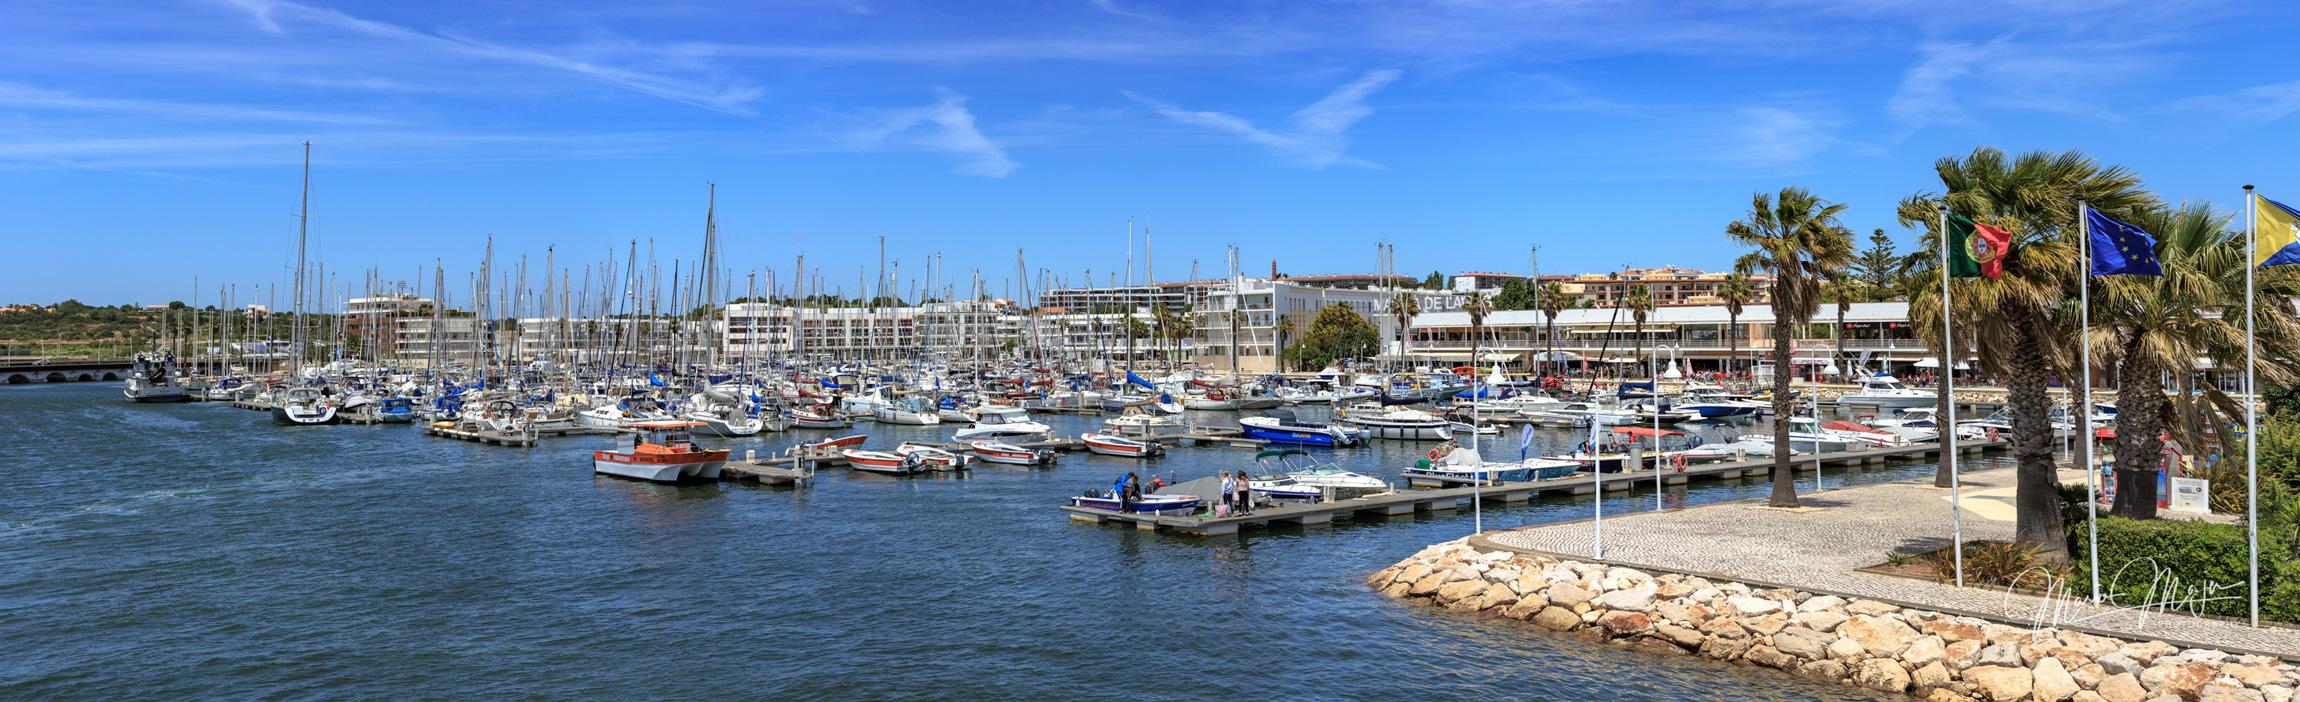 Marina de Lagos, Algarve, Portugal